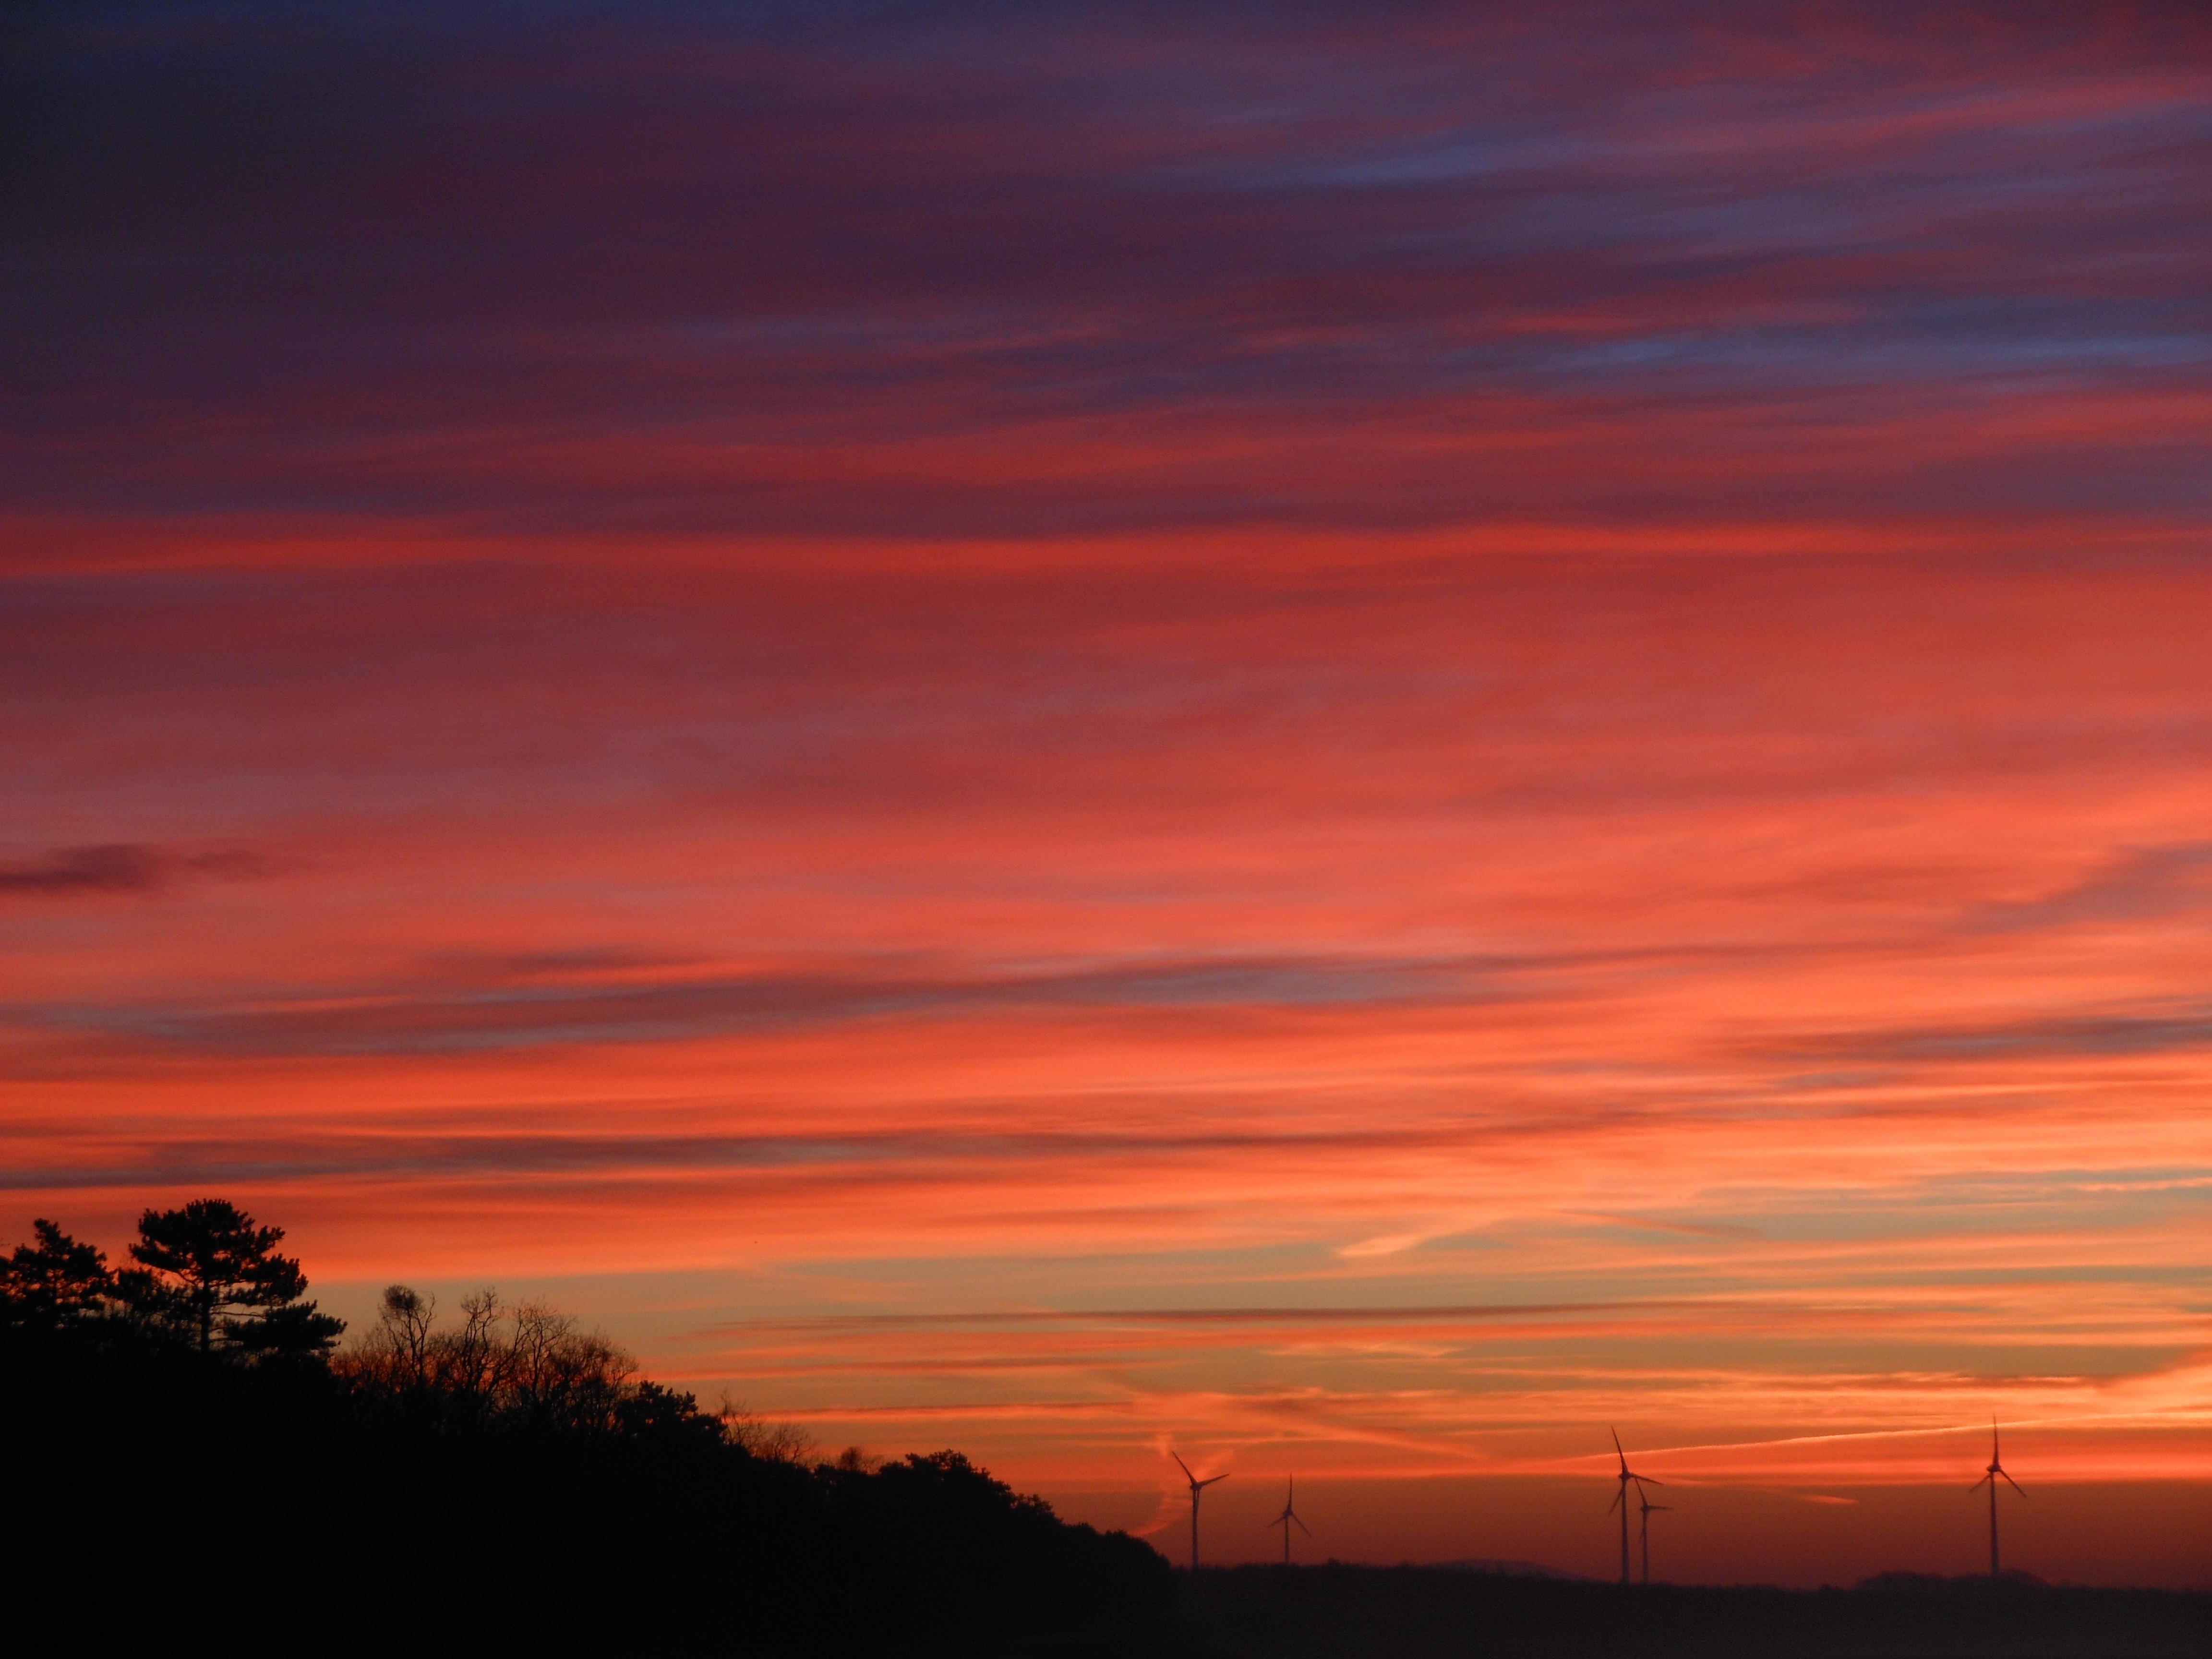 Sunrise 15 by Dracofemi